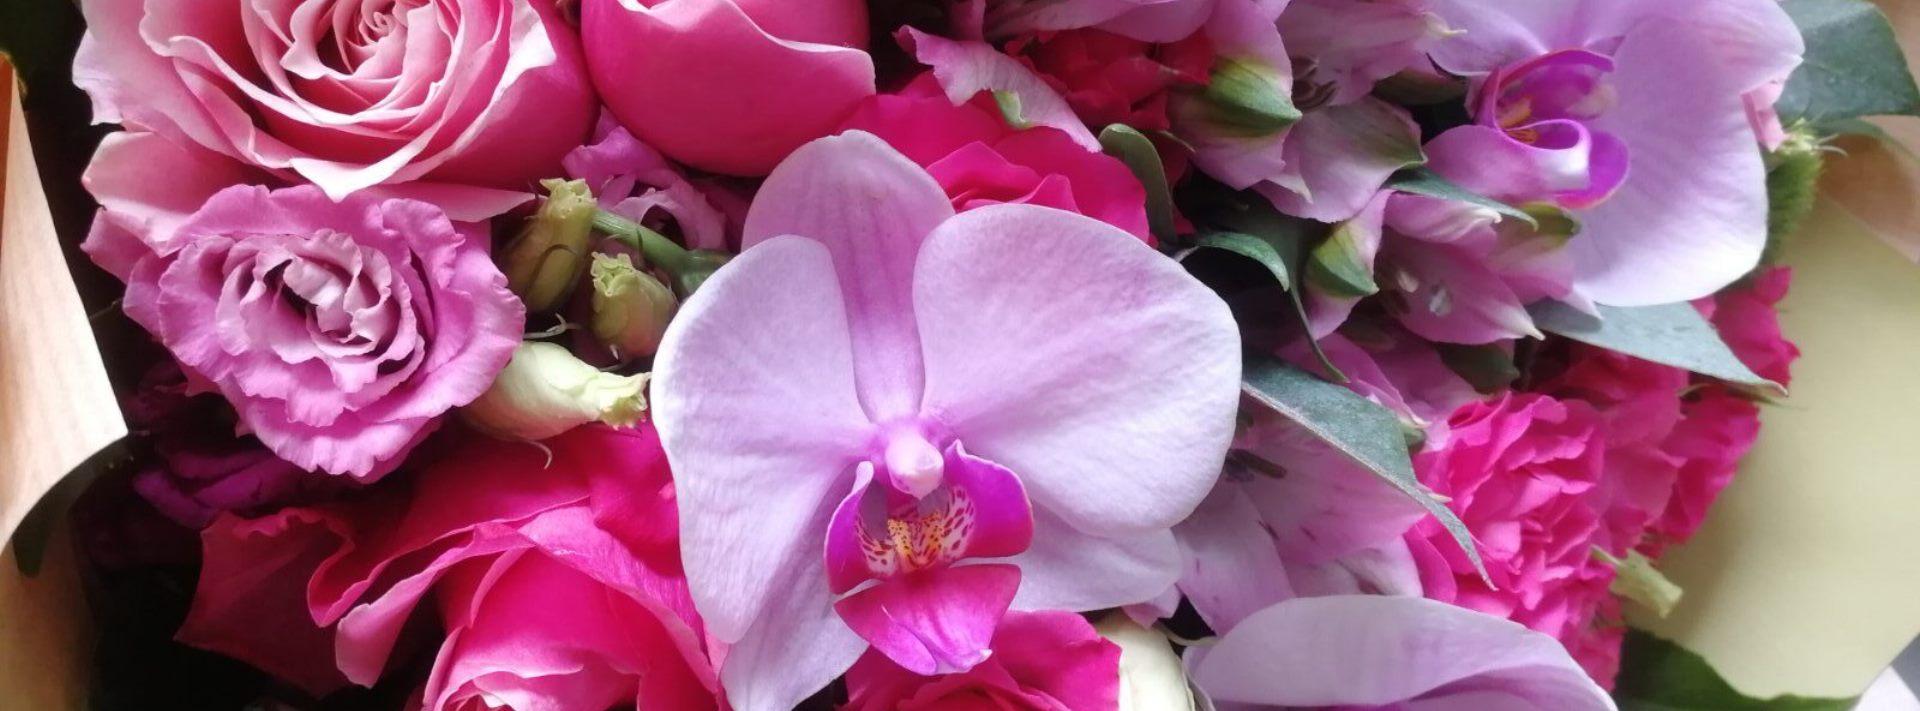 blog-header-002-vas-cvetni-ljubimac-biljke-u-kuci